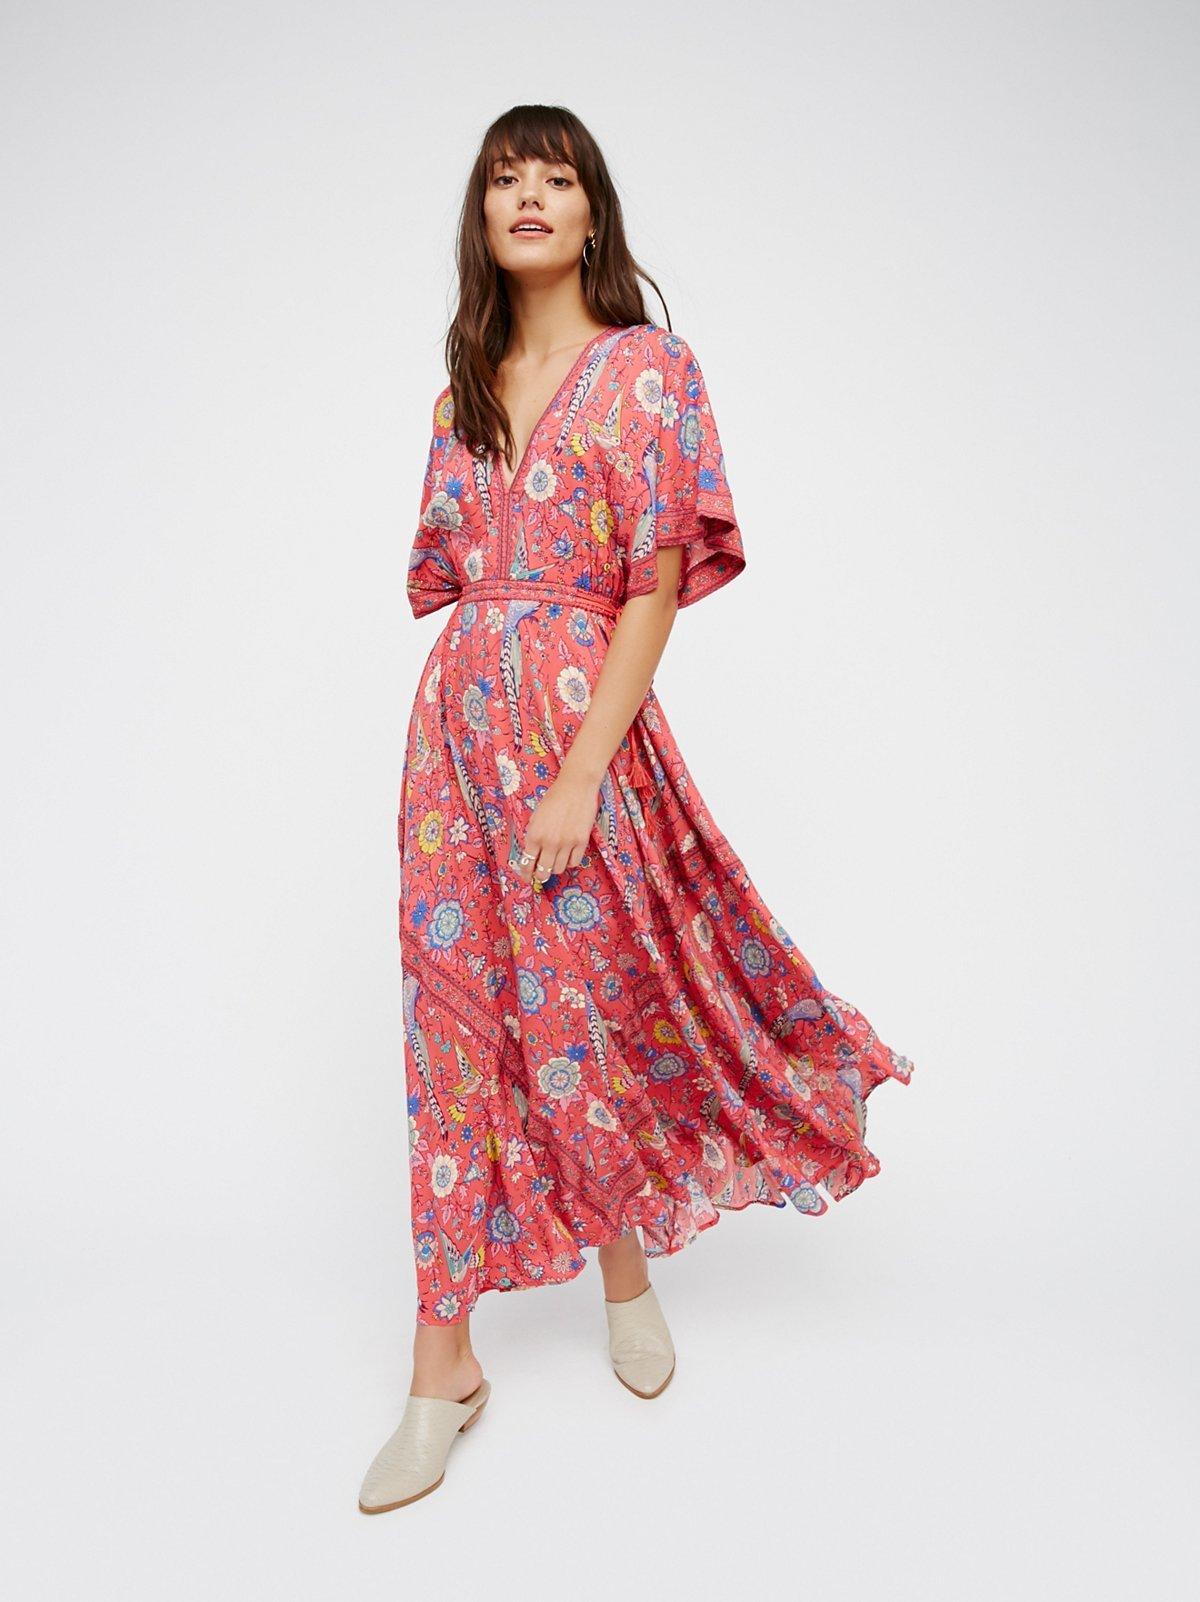 Lujoso Vestido De Fiesta Hippie Fotos - Colección de Vestidos de ...